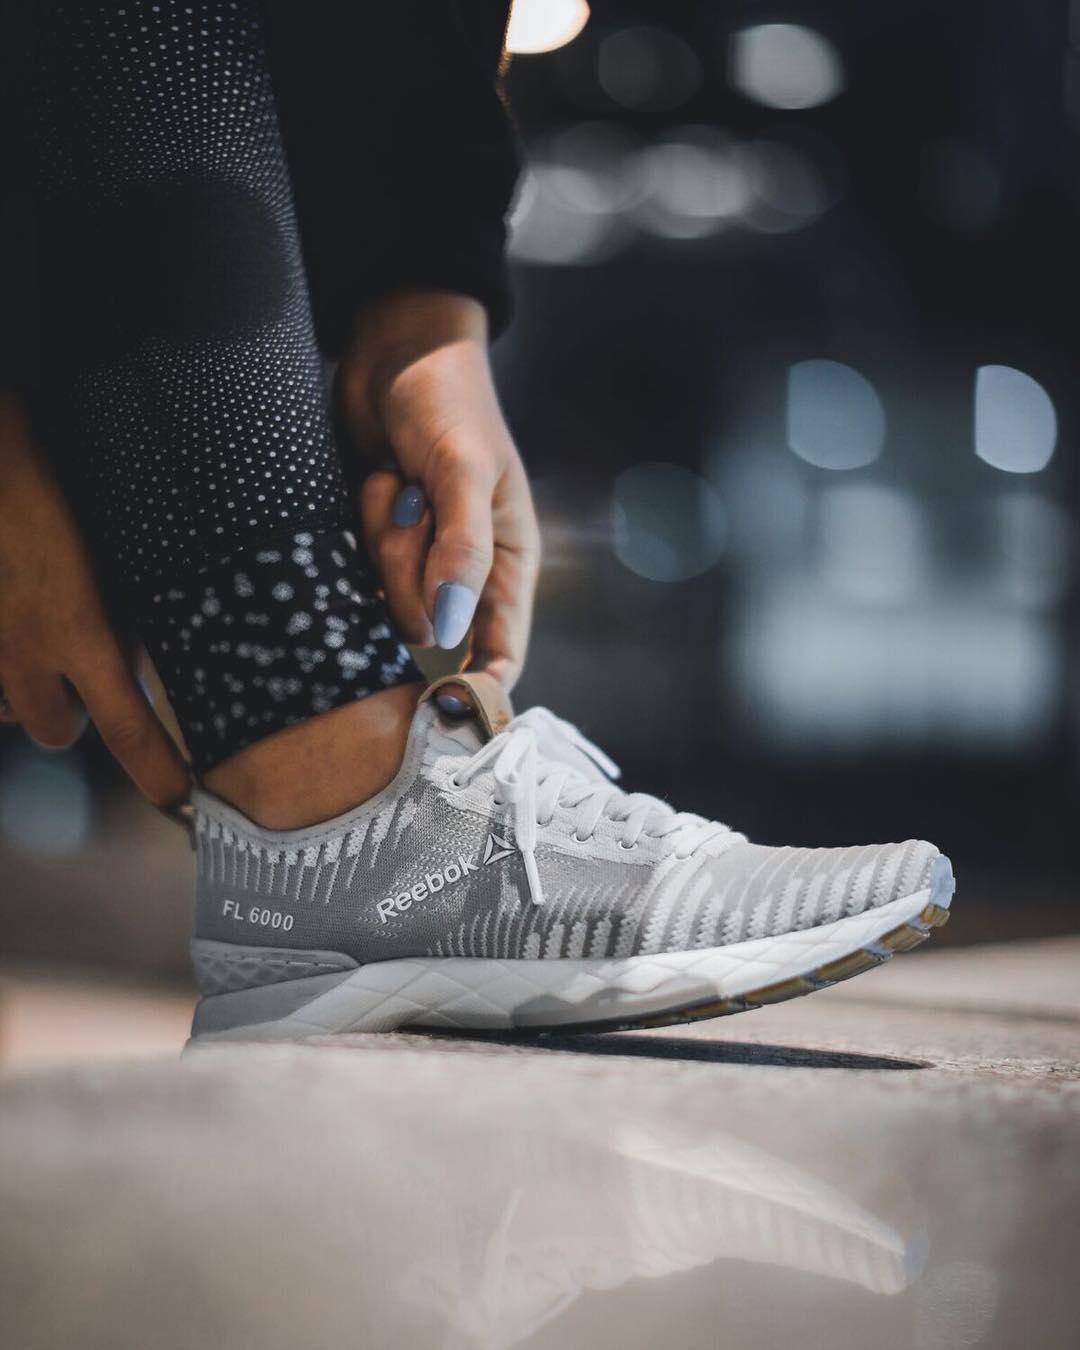 کفش ریبوک با پشتیبانی از فن آو